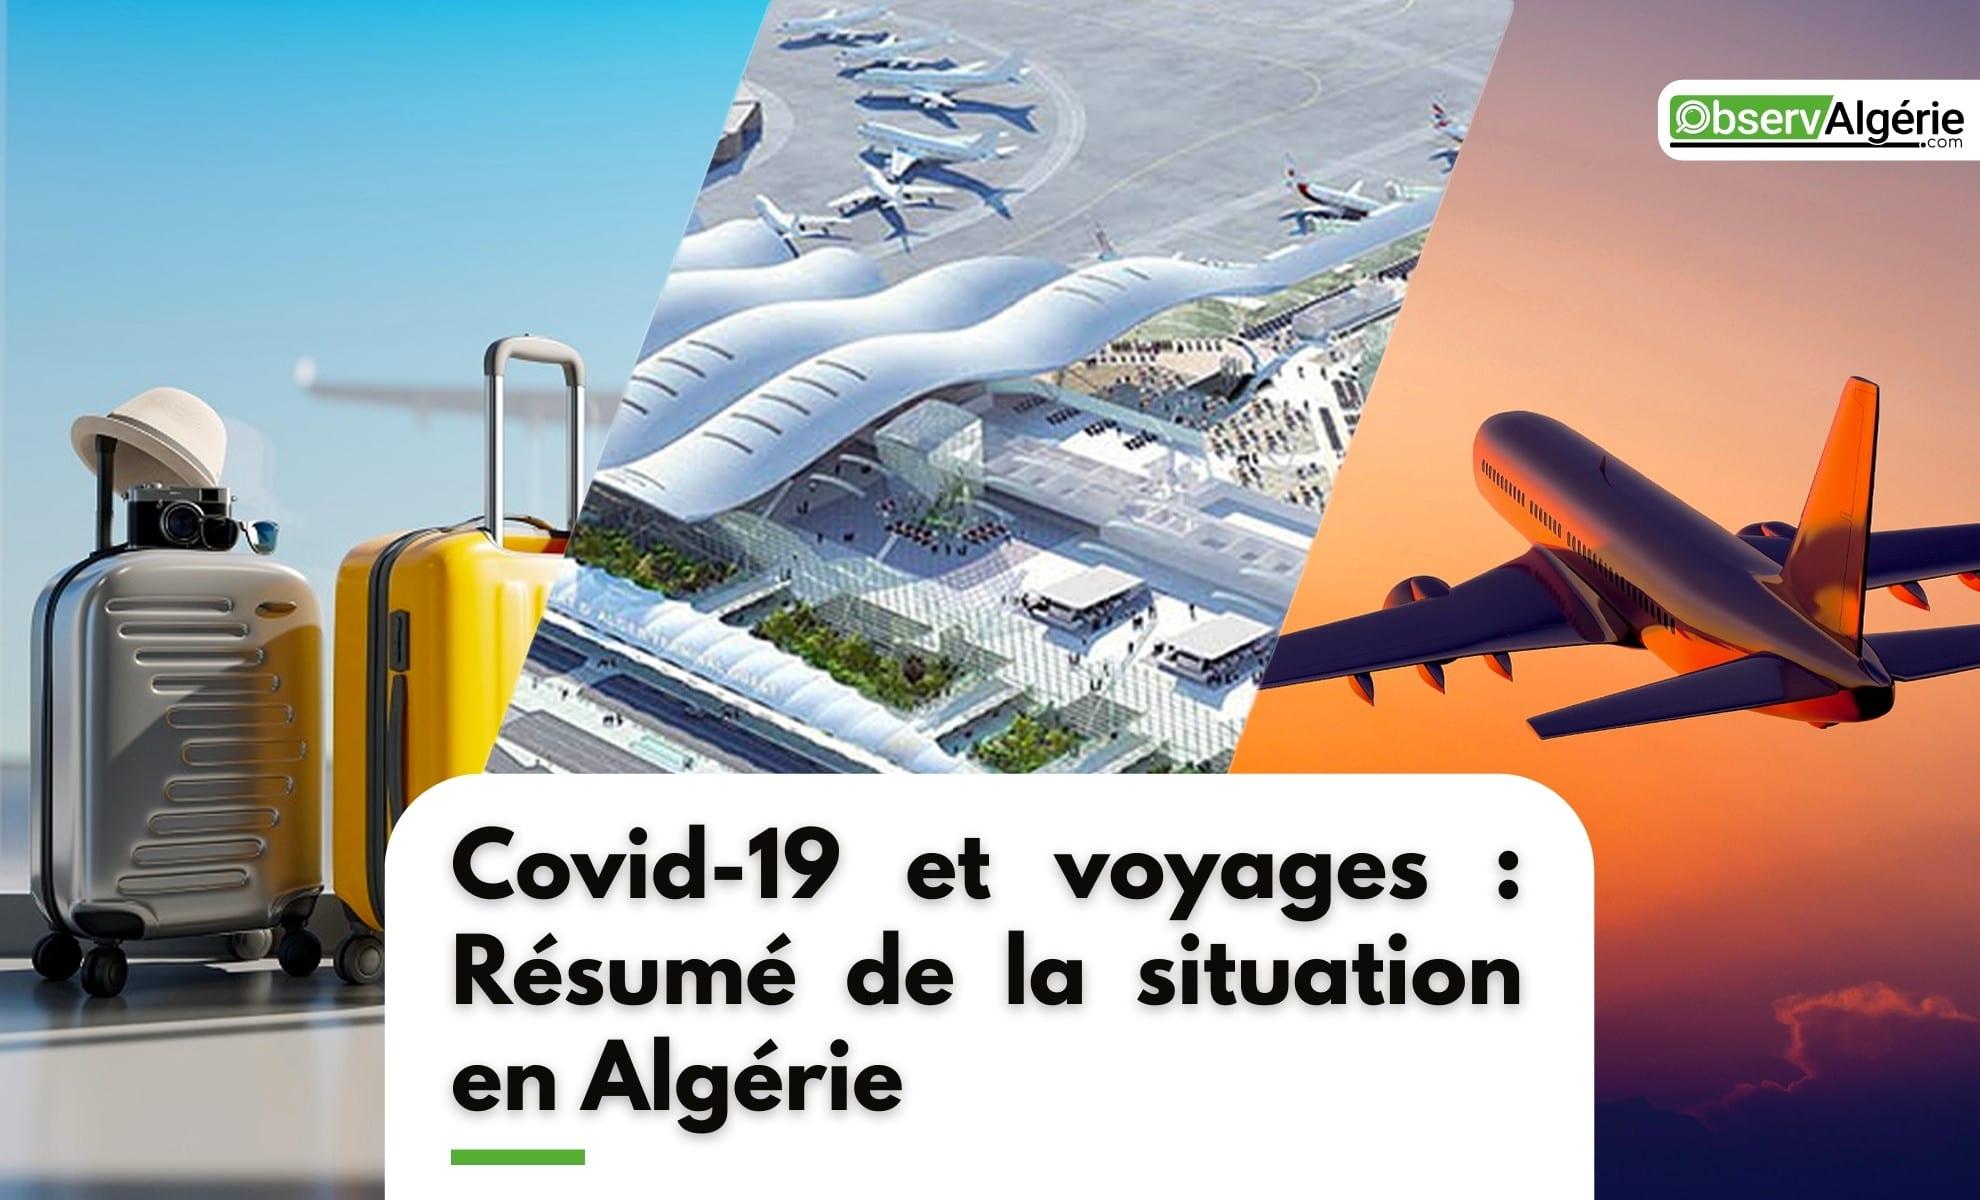 Vols, aéroports, frontières et Covid-19 : La situation en Algérie